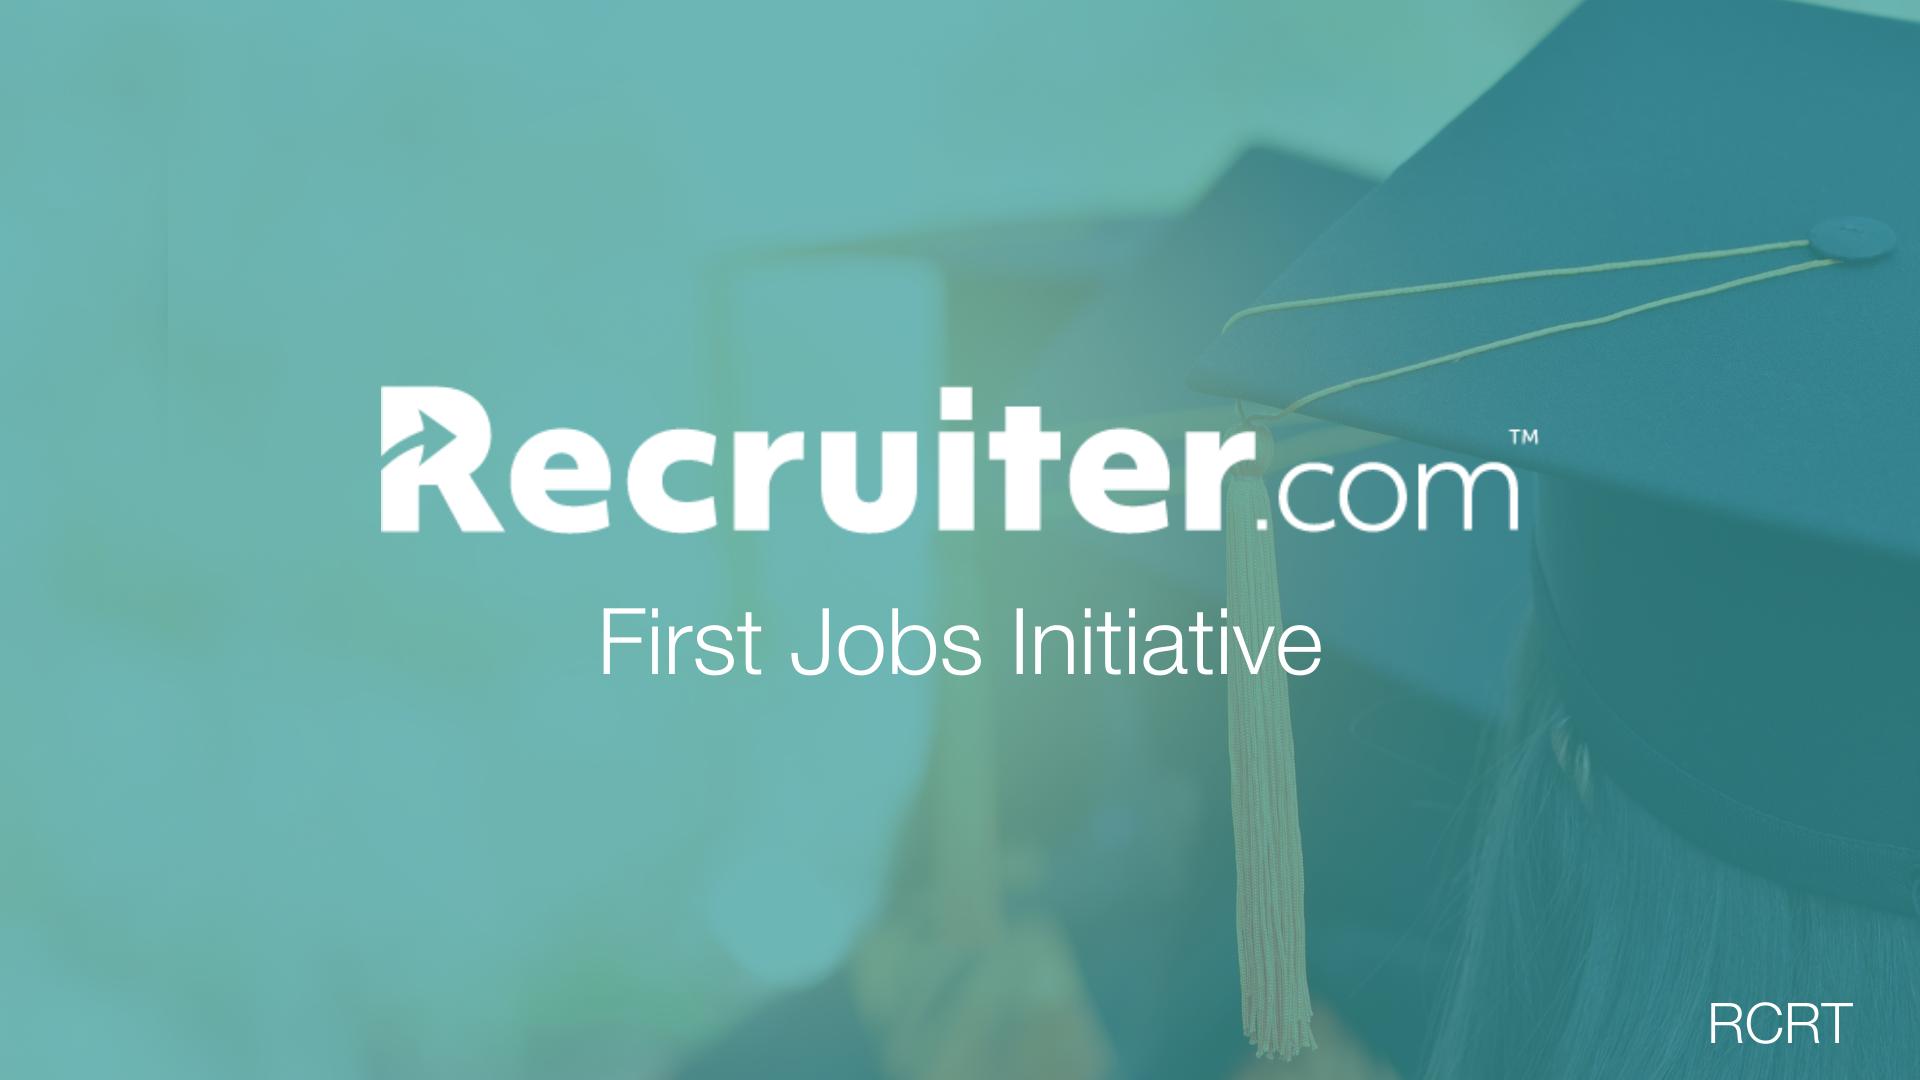 Recruiter.com First Jobs Initiative